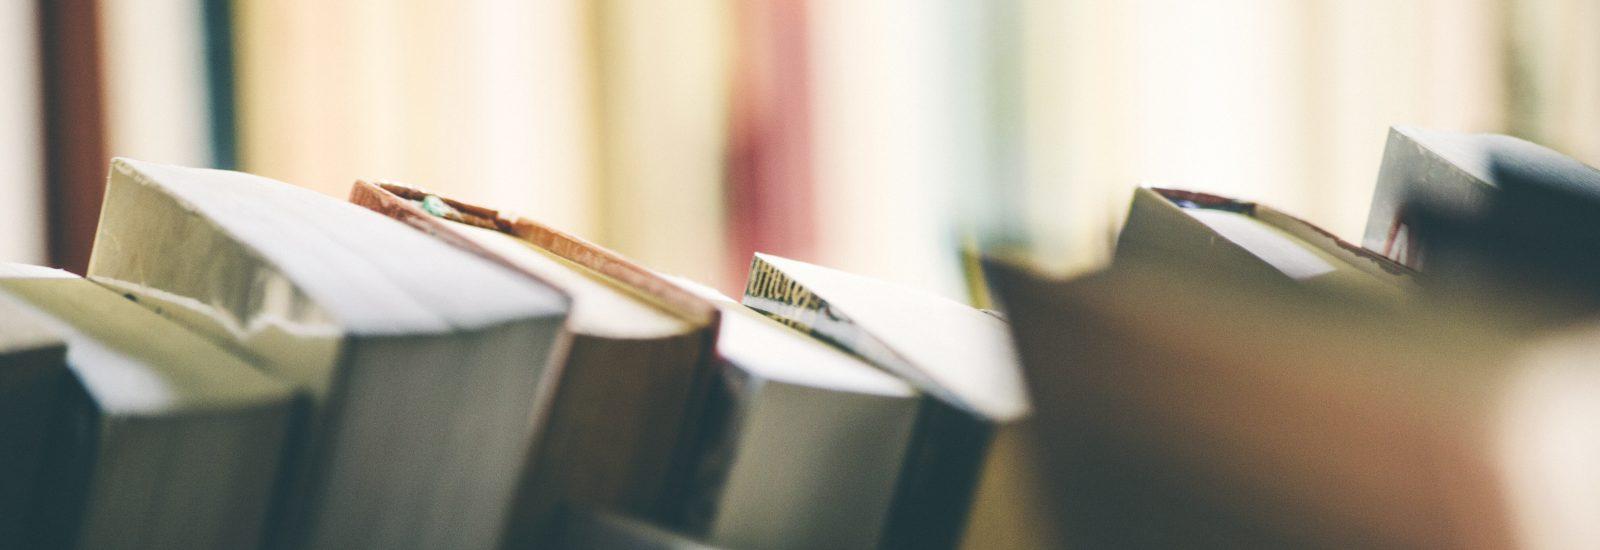 Kirjoja kirjahyllyssä